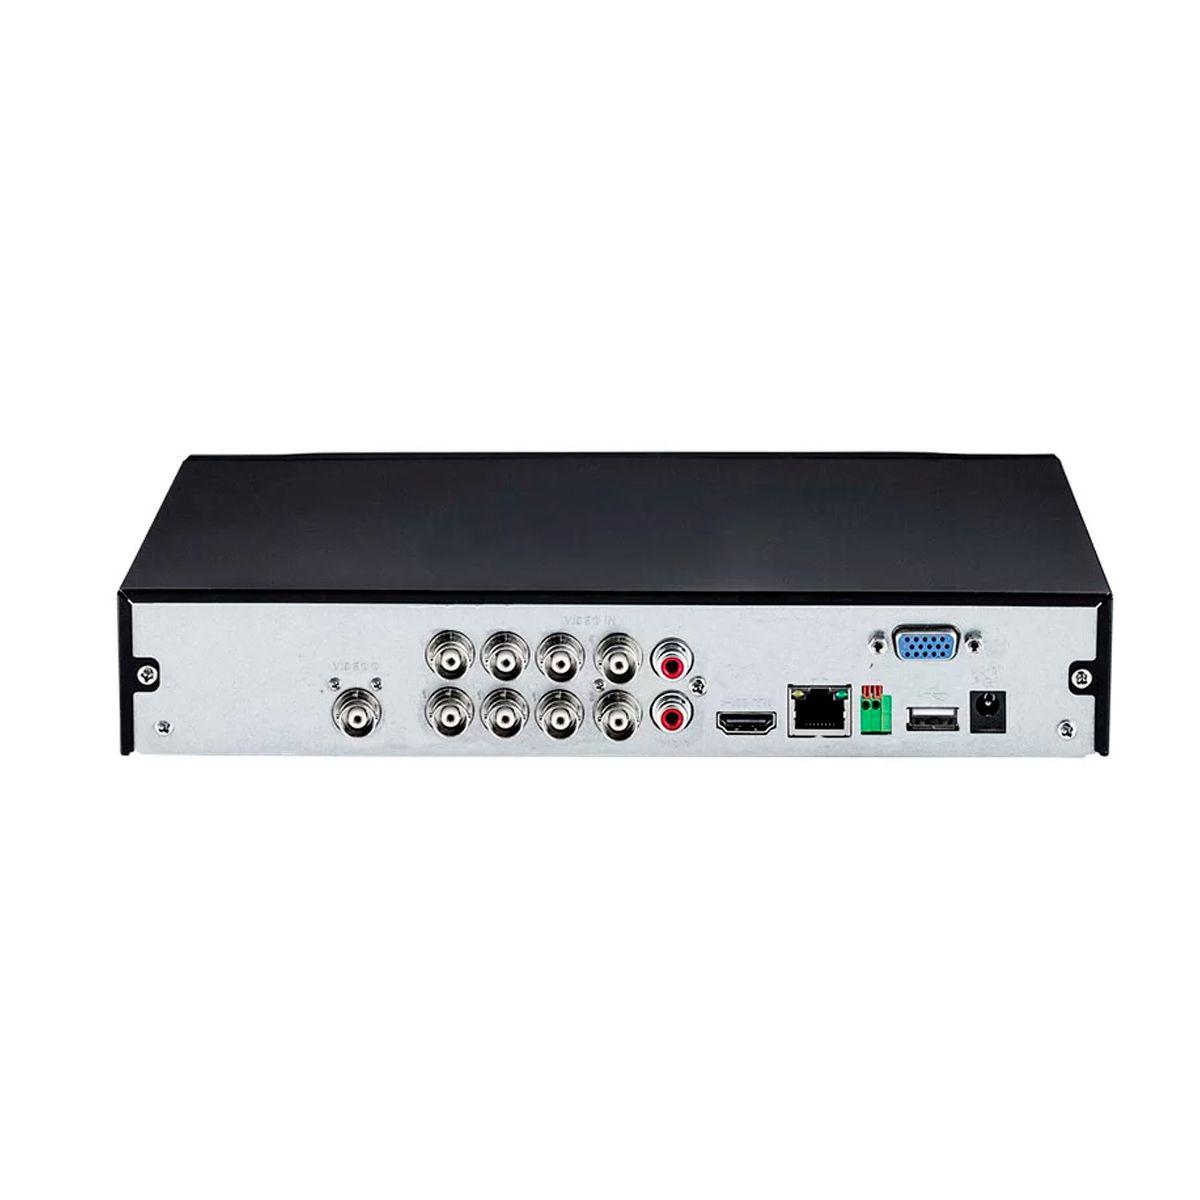 Kit 8 Câmeras VHD 1120 B G5 + DVR Intelbras + HD 1TB para Armazenamento + App Grátis de Monitoramento, Câmeras HD 720p 20m Infravermelho de Visão Noturna Intelbras + Fonte, Cabos e Acessórios  - Tudo Forte